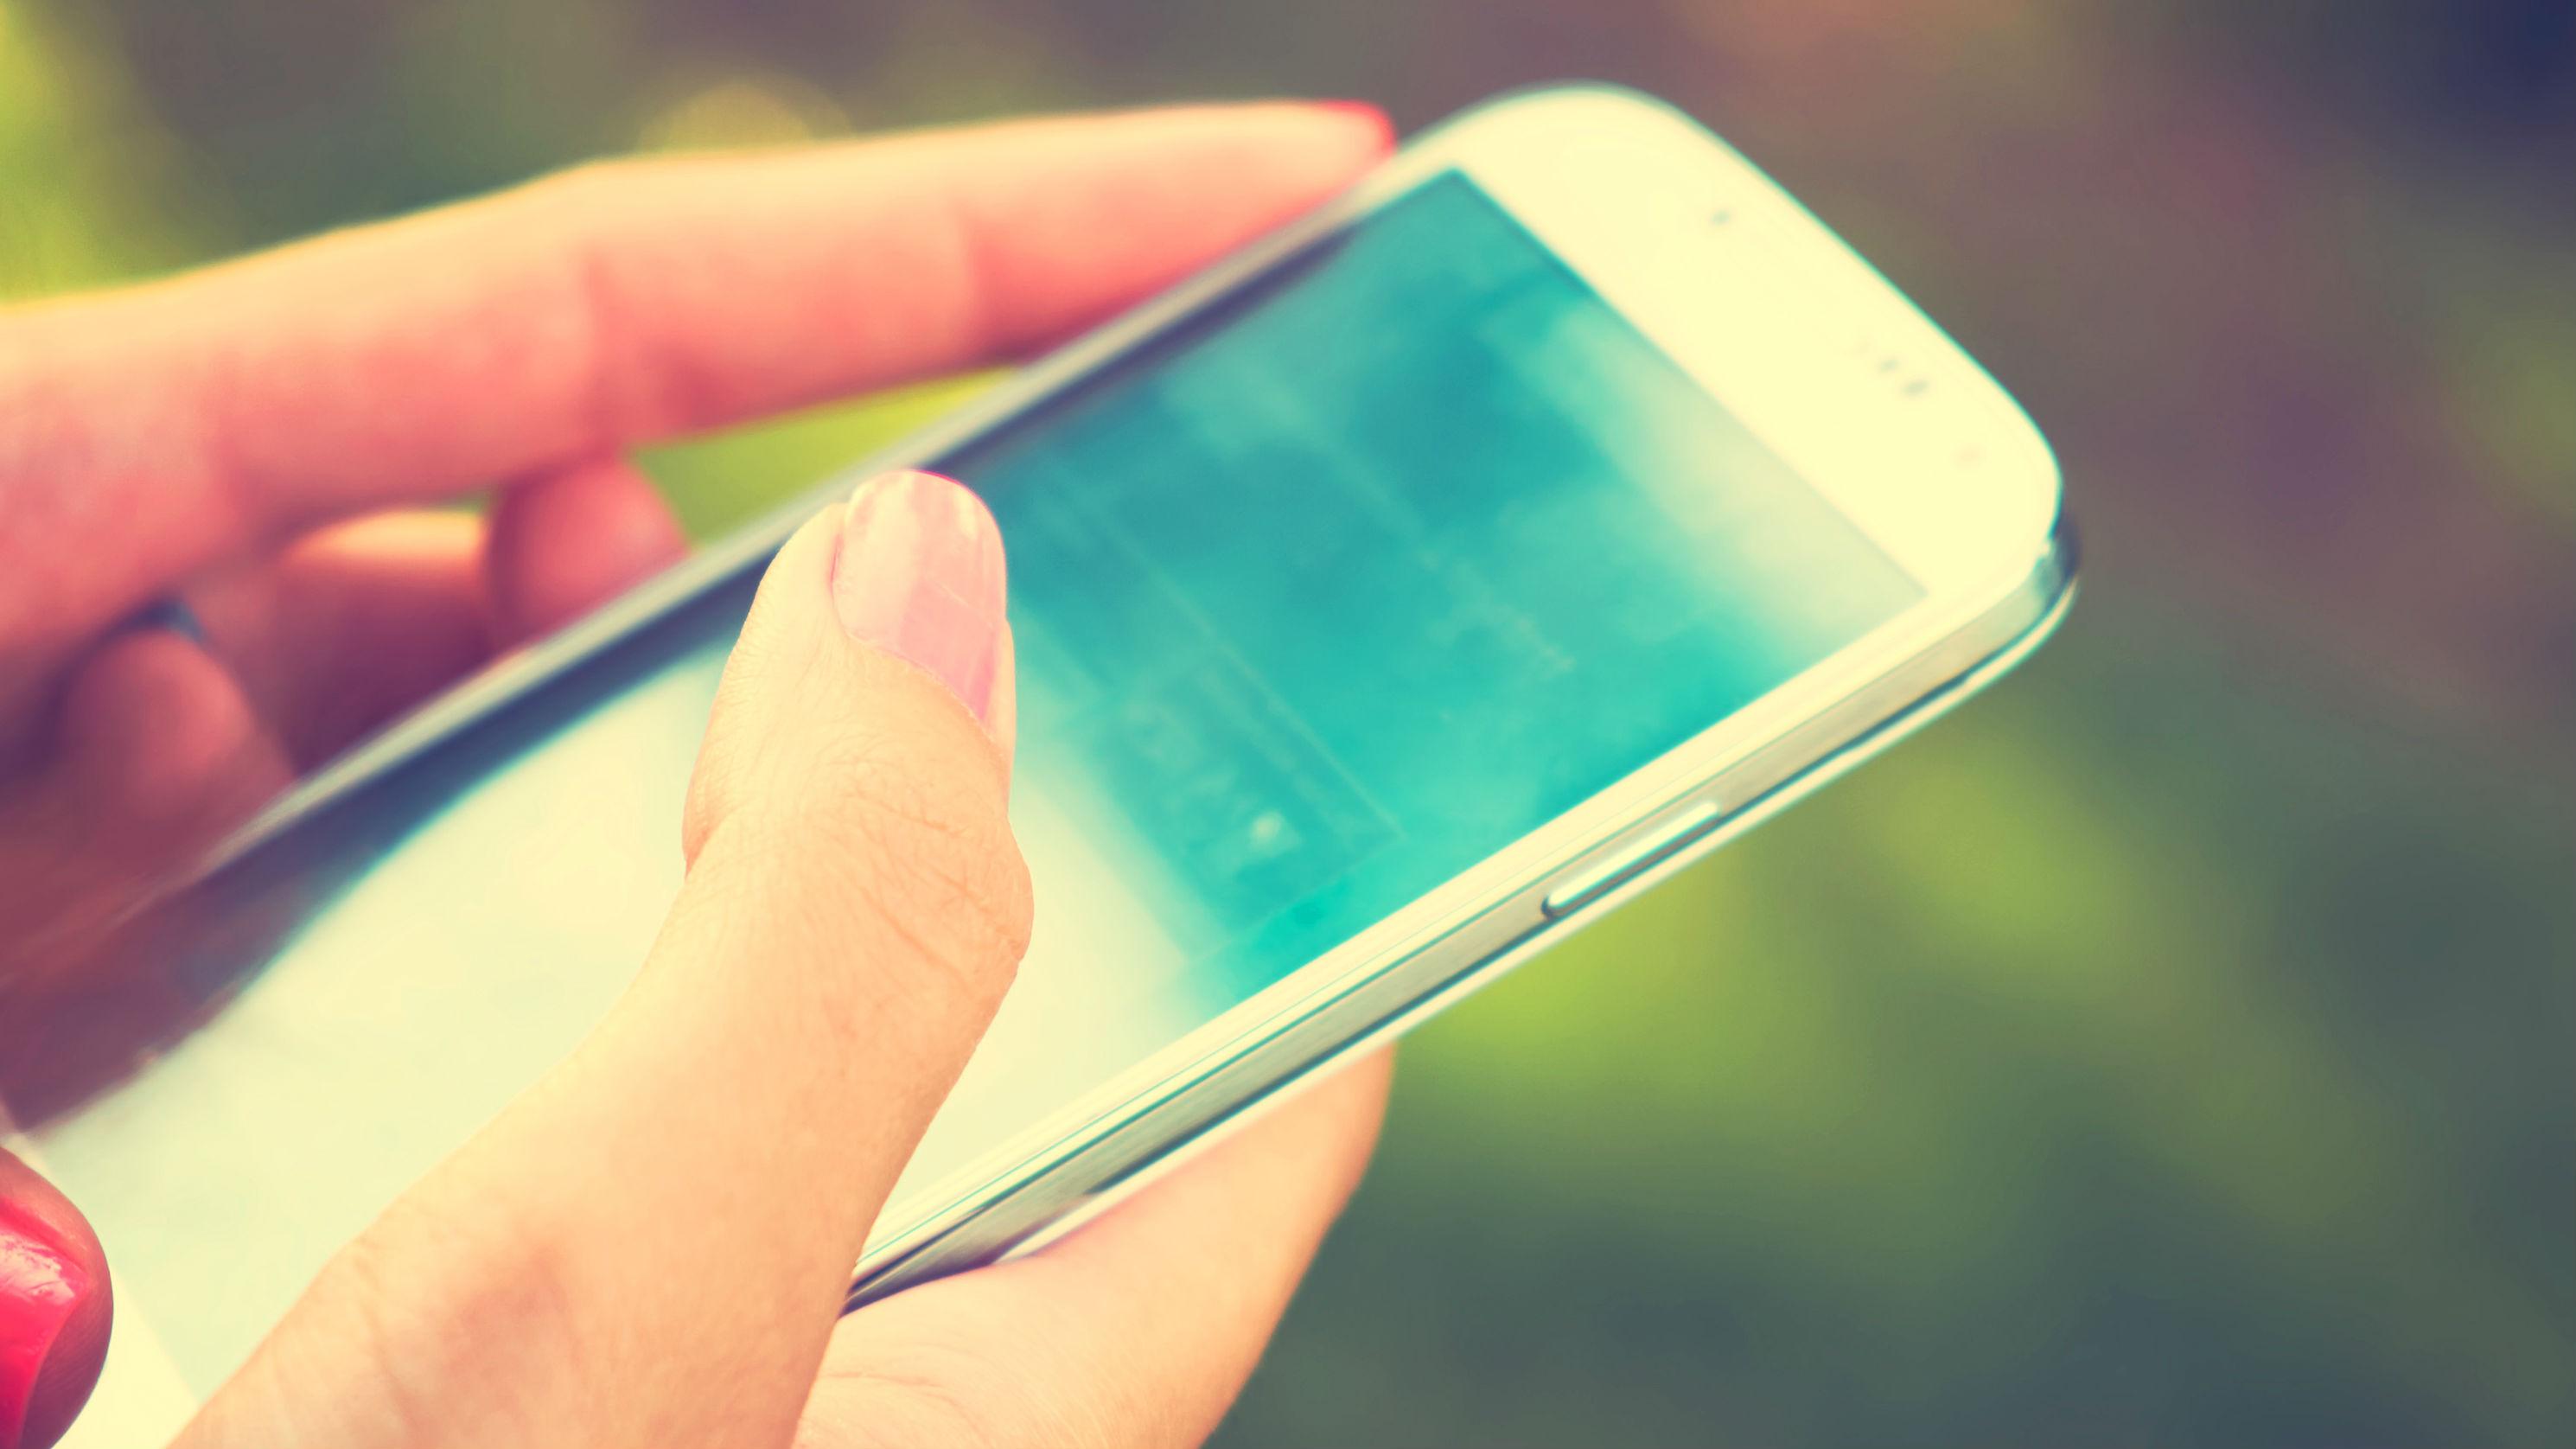 Aplicaciones para saber quién llama desde números desconocidos